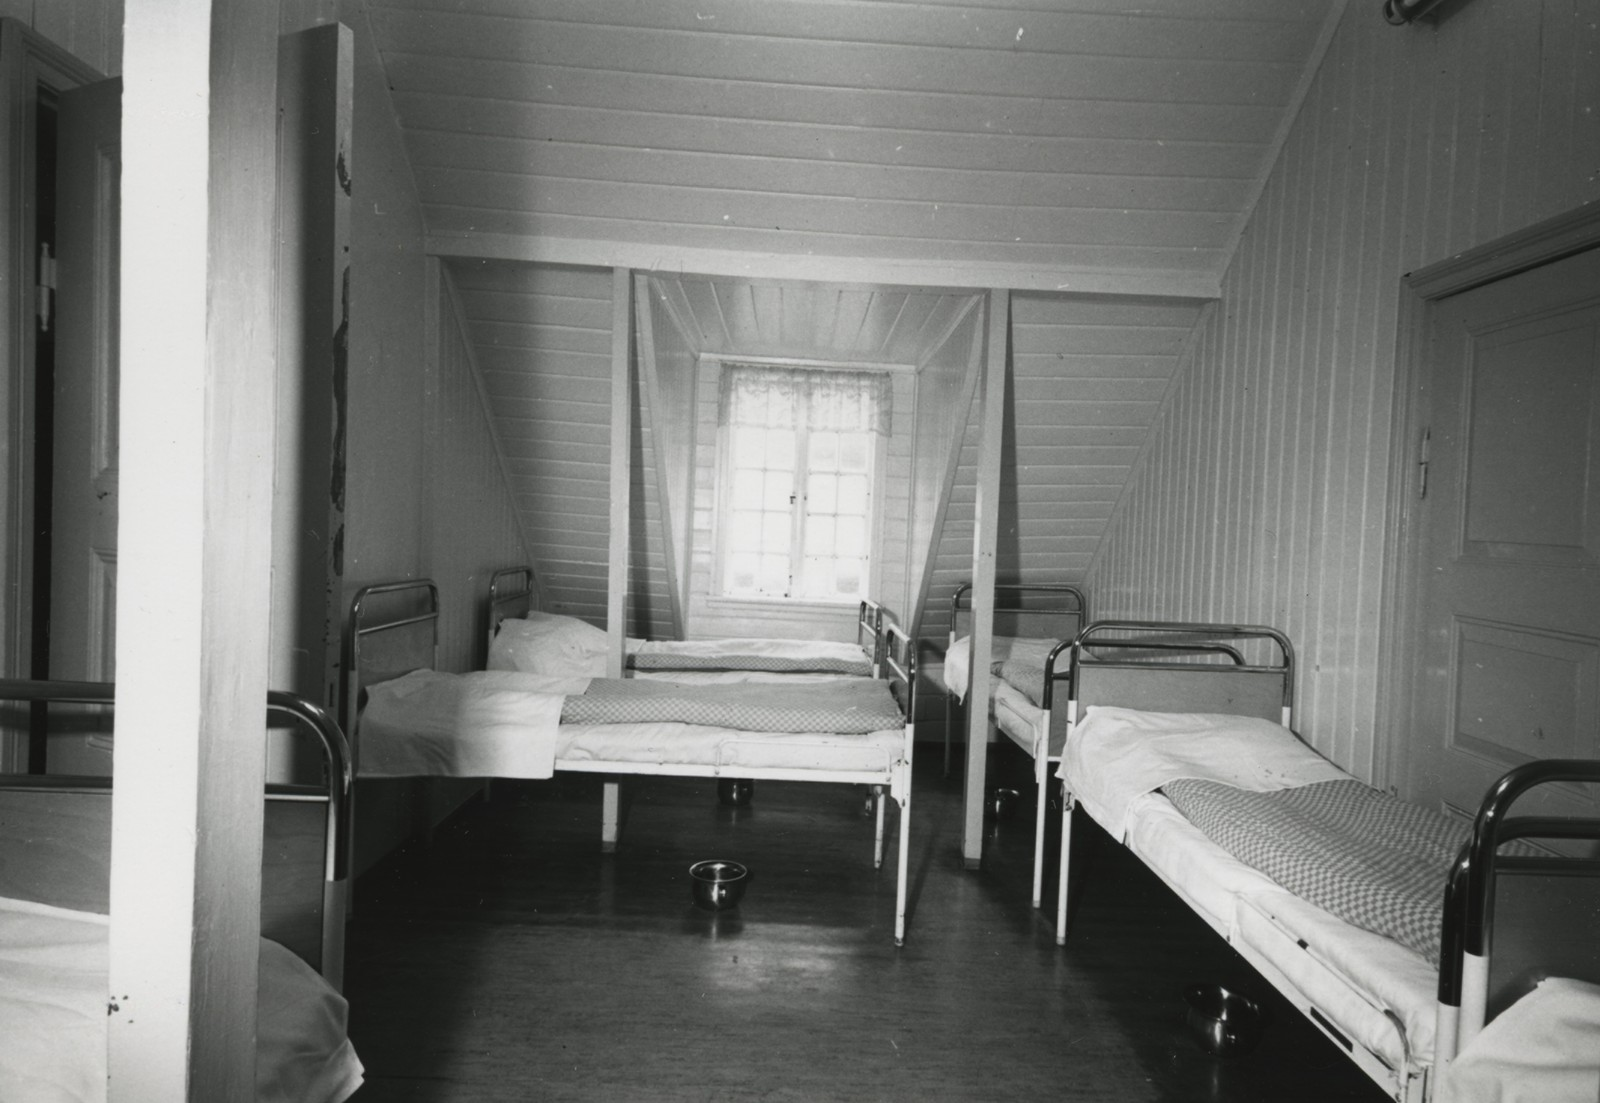 Dette biletet er truleg tatt noko ut på 1900-talet. Under sengene sto nattpottene klare.